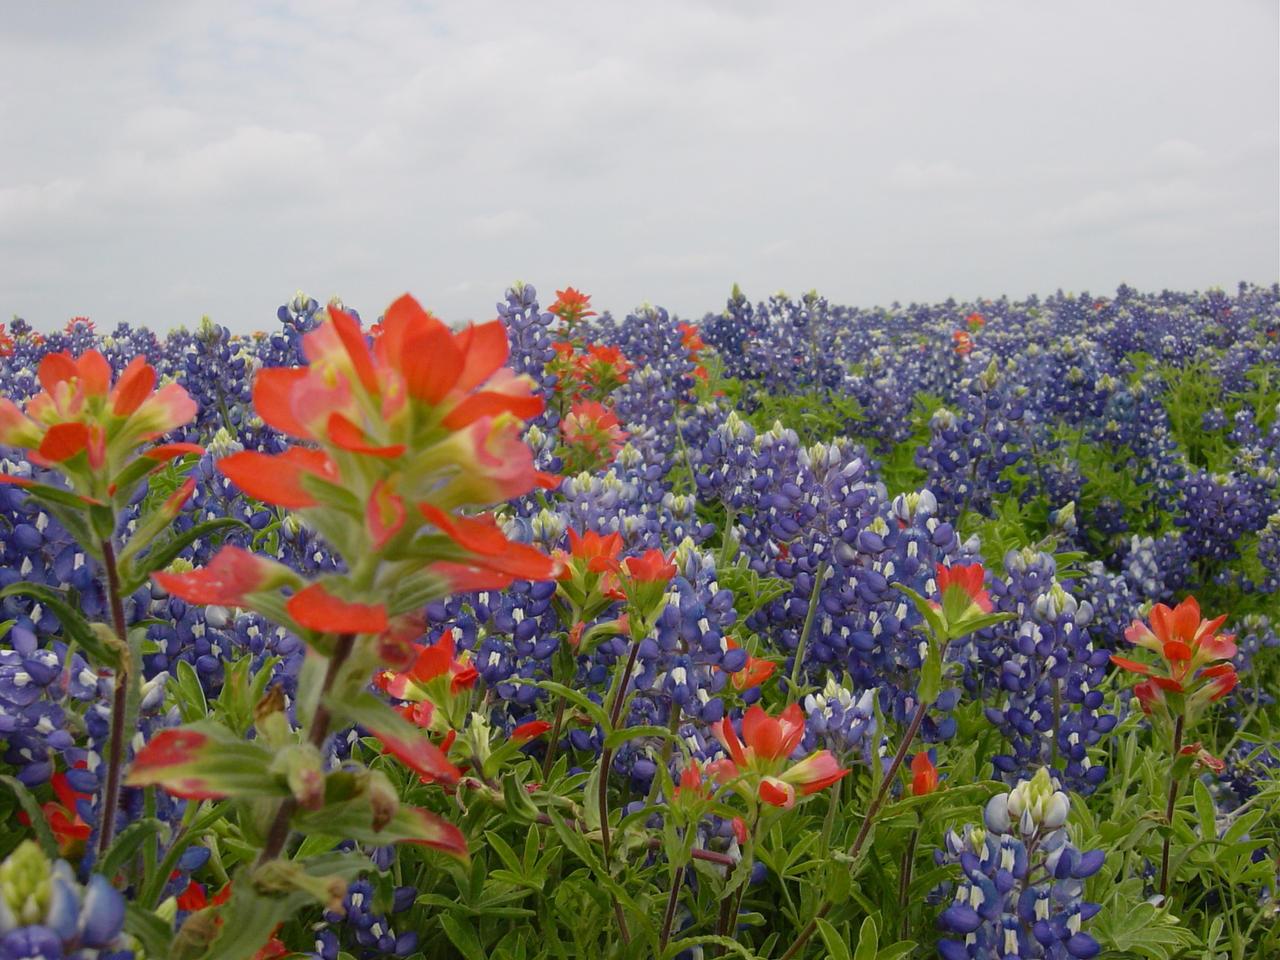 Texas Wildflowers by LizartLizard